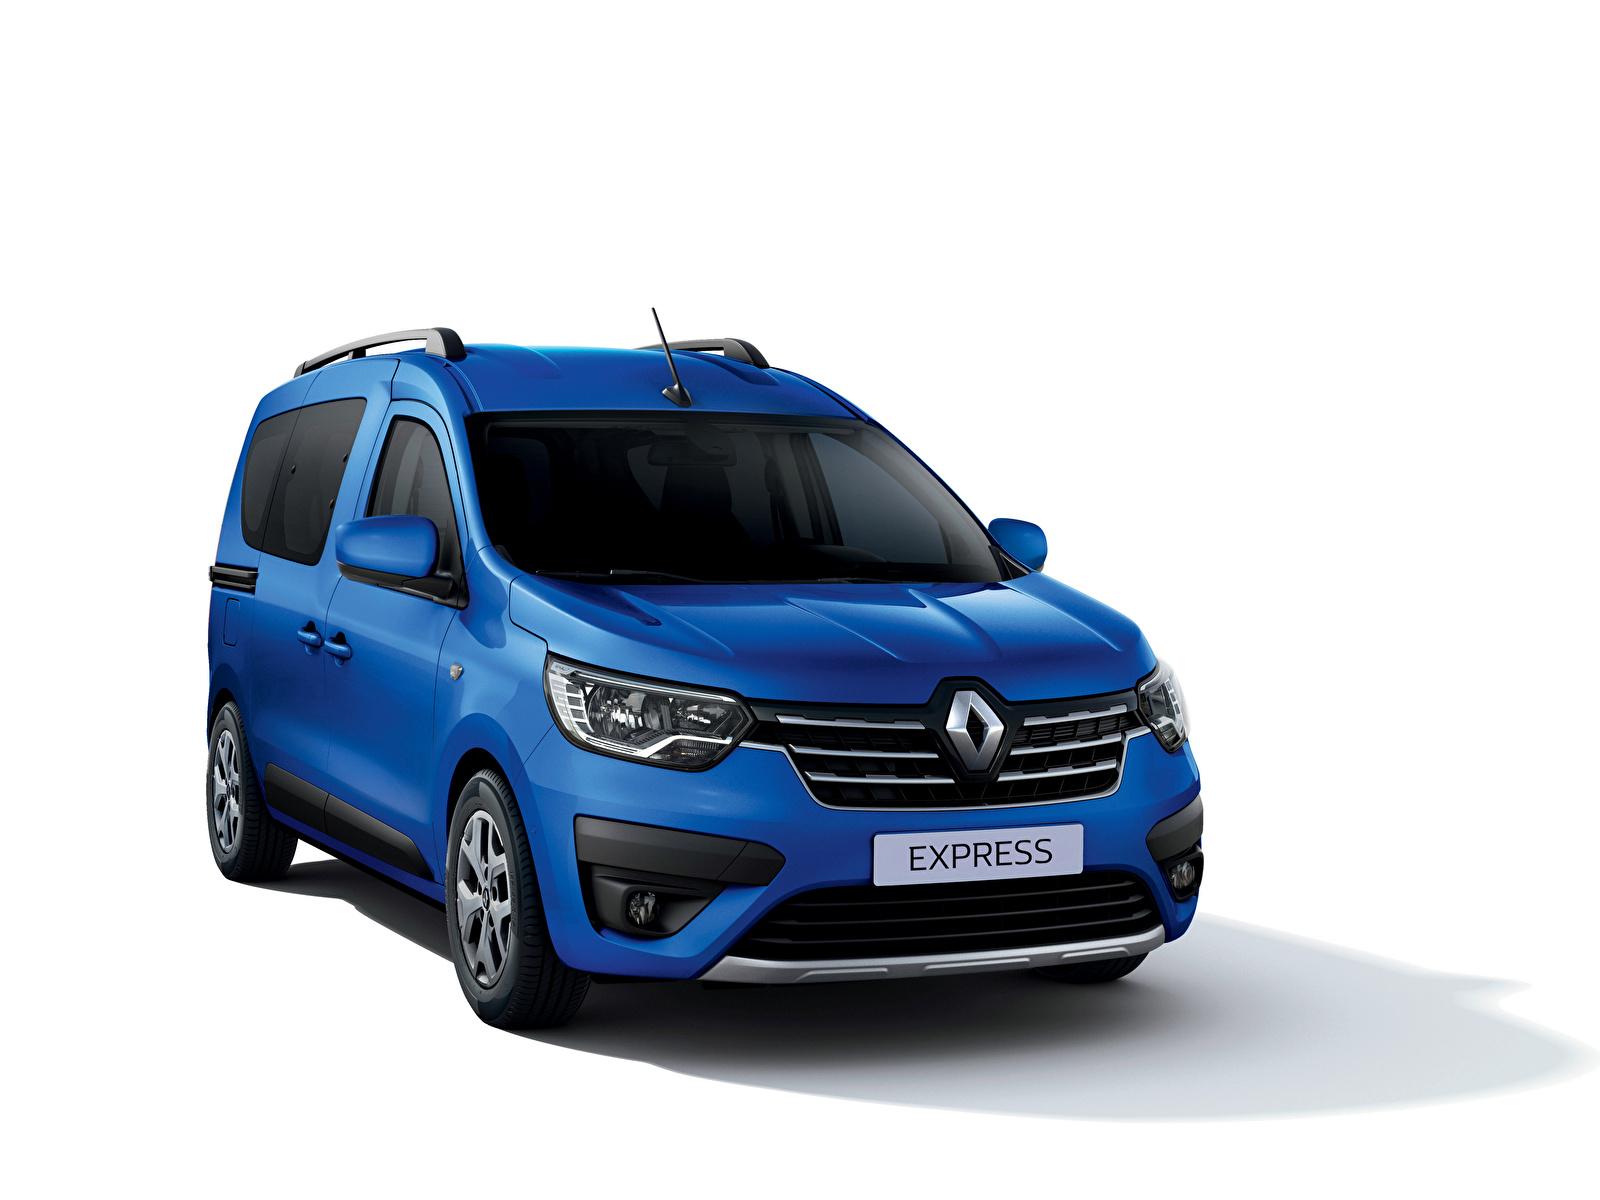 Desktop Hintergrundbilder Renault Express, 2021 Ein Van Blau automobil Metallisch Weißer hintergrund 1600x1200 auto Autos